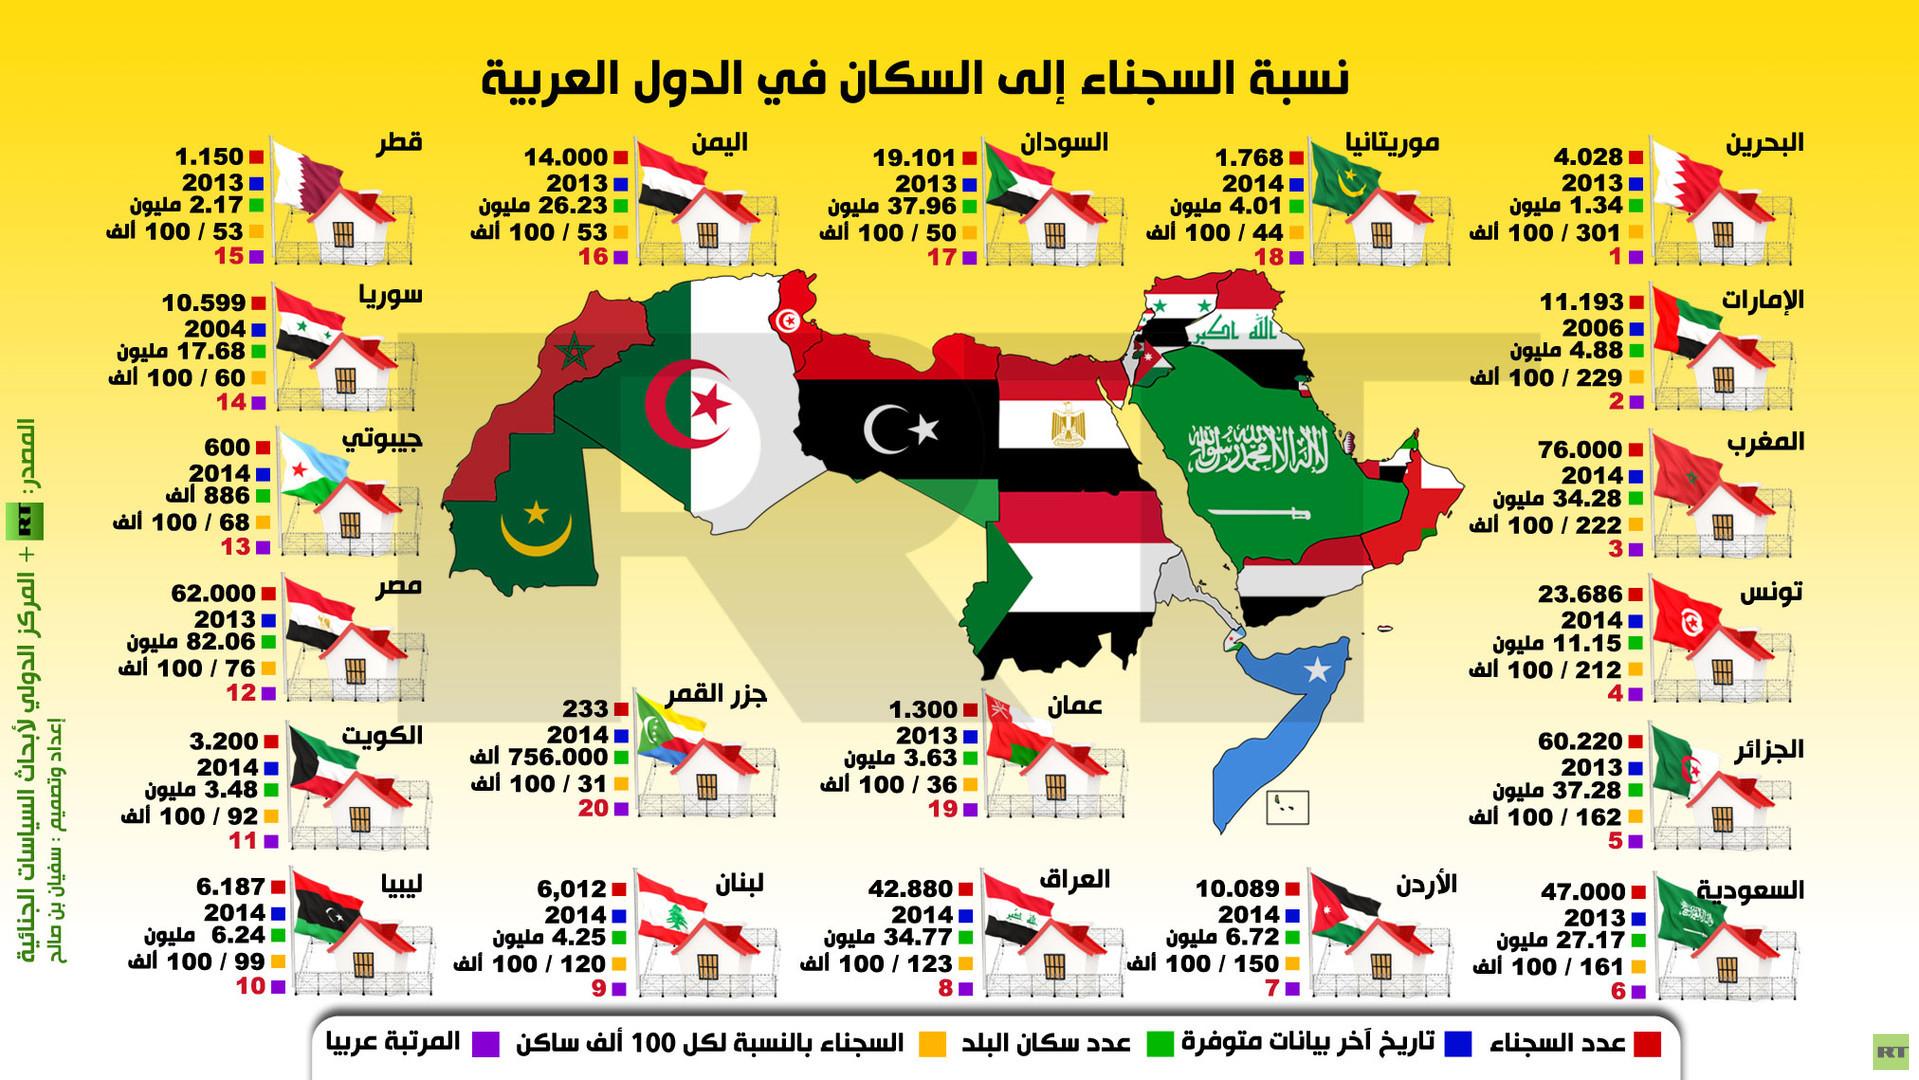 عبد للبناء جرار زراعى اكبر الدول العربية من حيث السكان Dsvdedommel Com